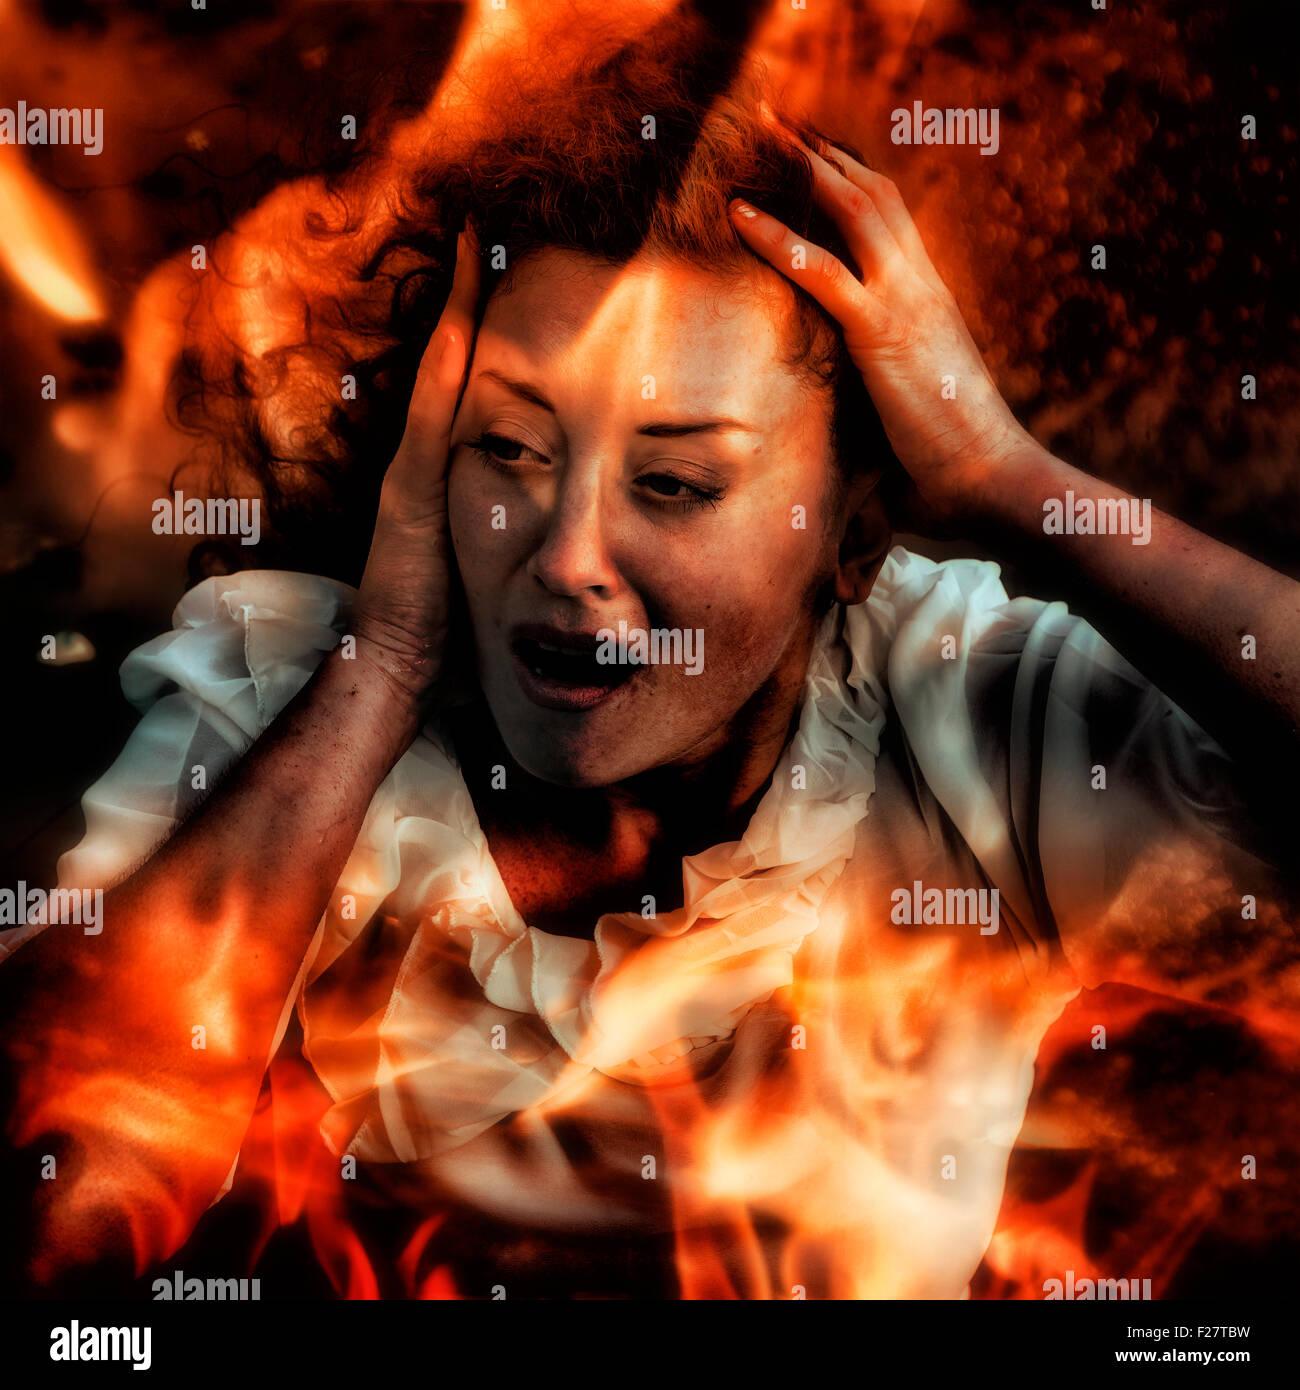 Una donna che guarda attraverso le fiamme, urlando Immagini Stock